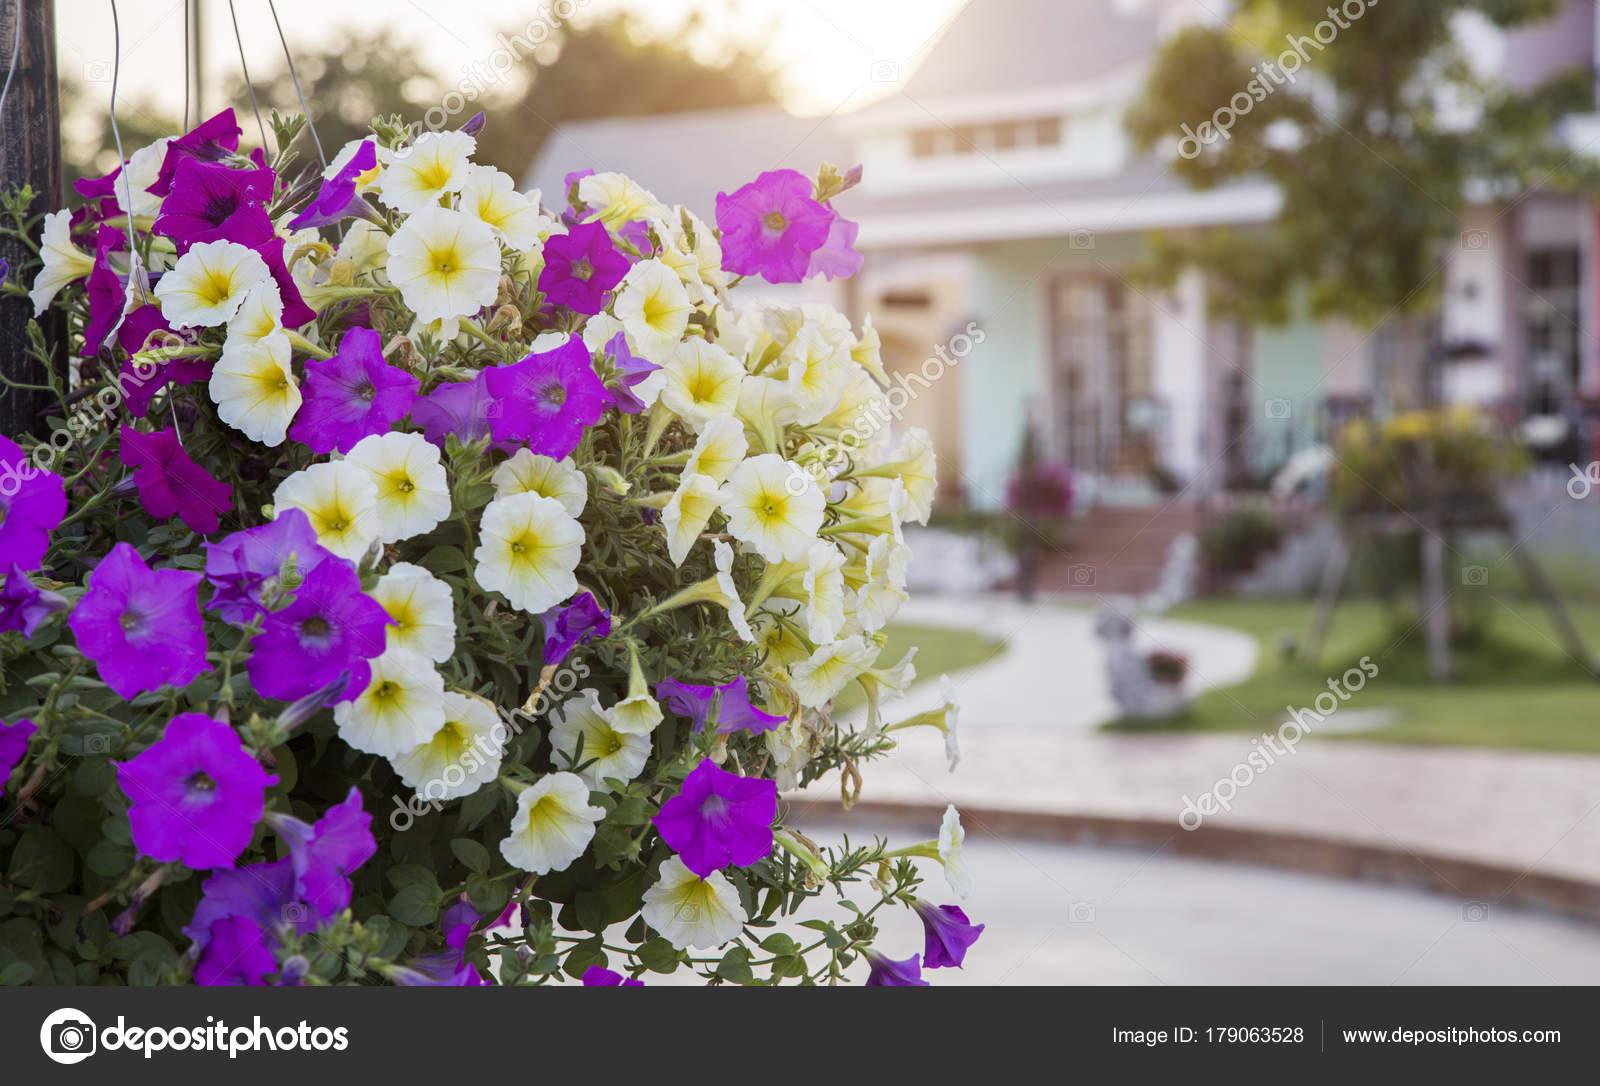 Fleur pourpre et jaune décoration jardin extérieur maison ...